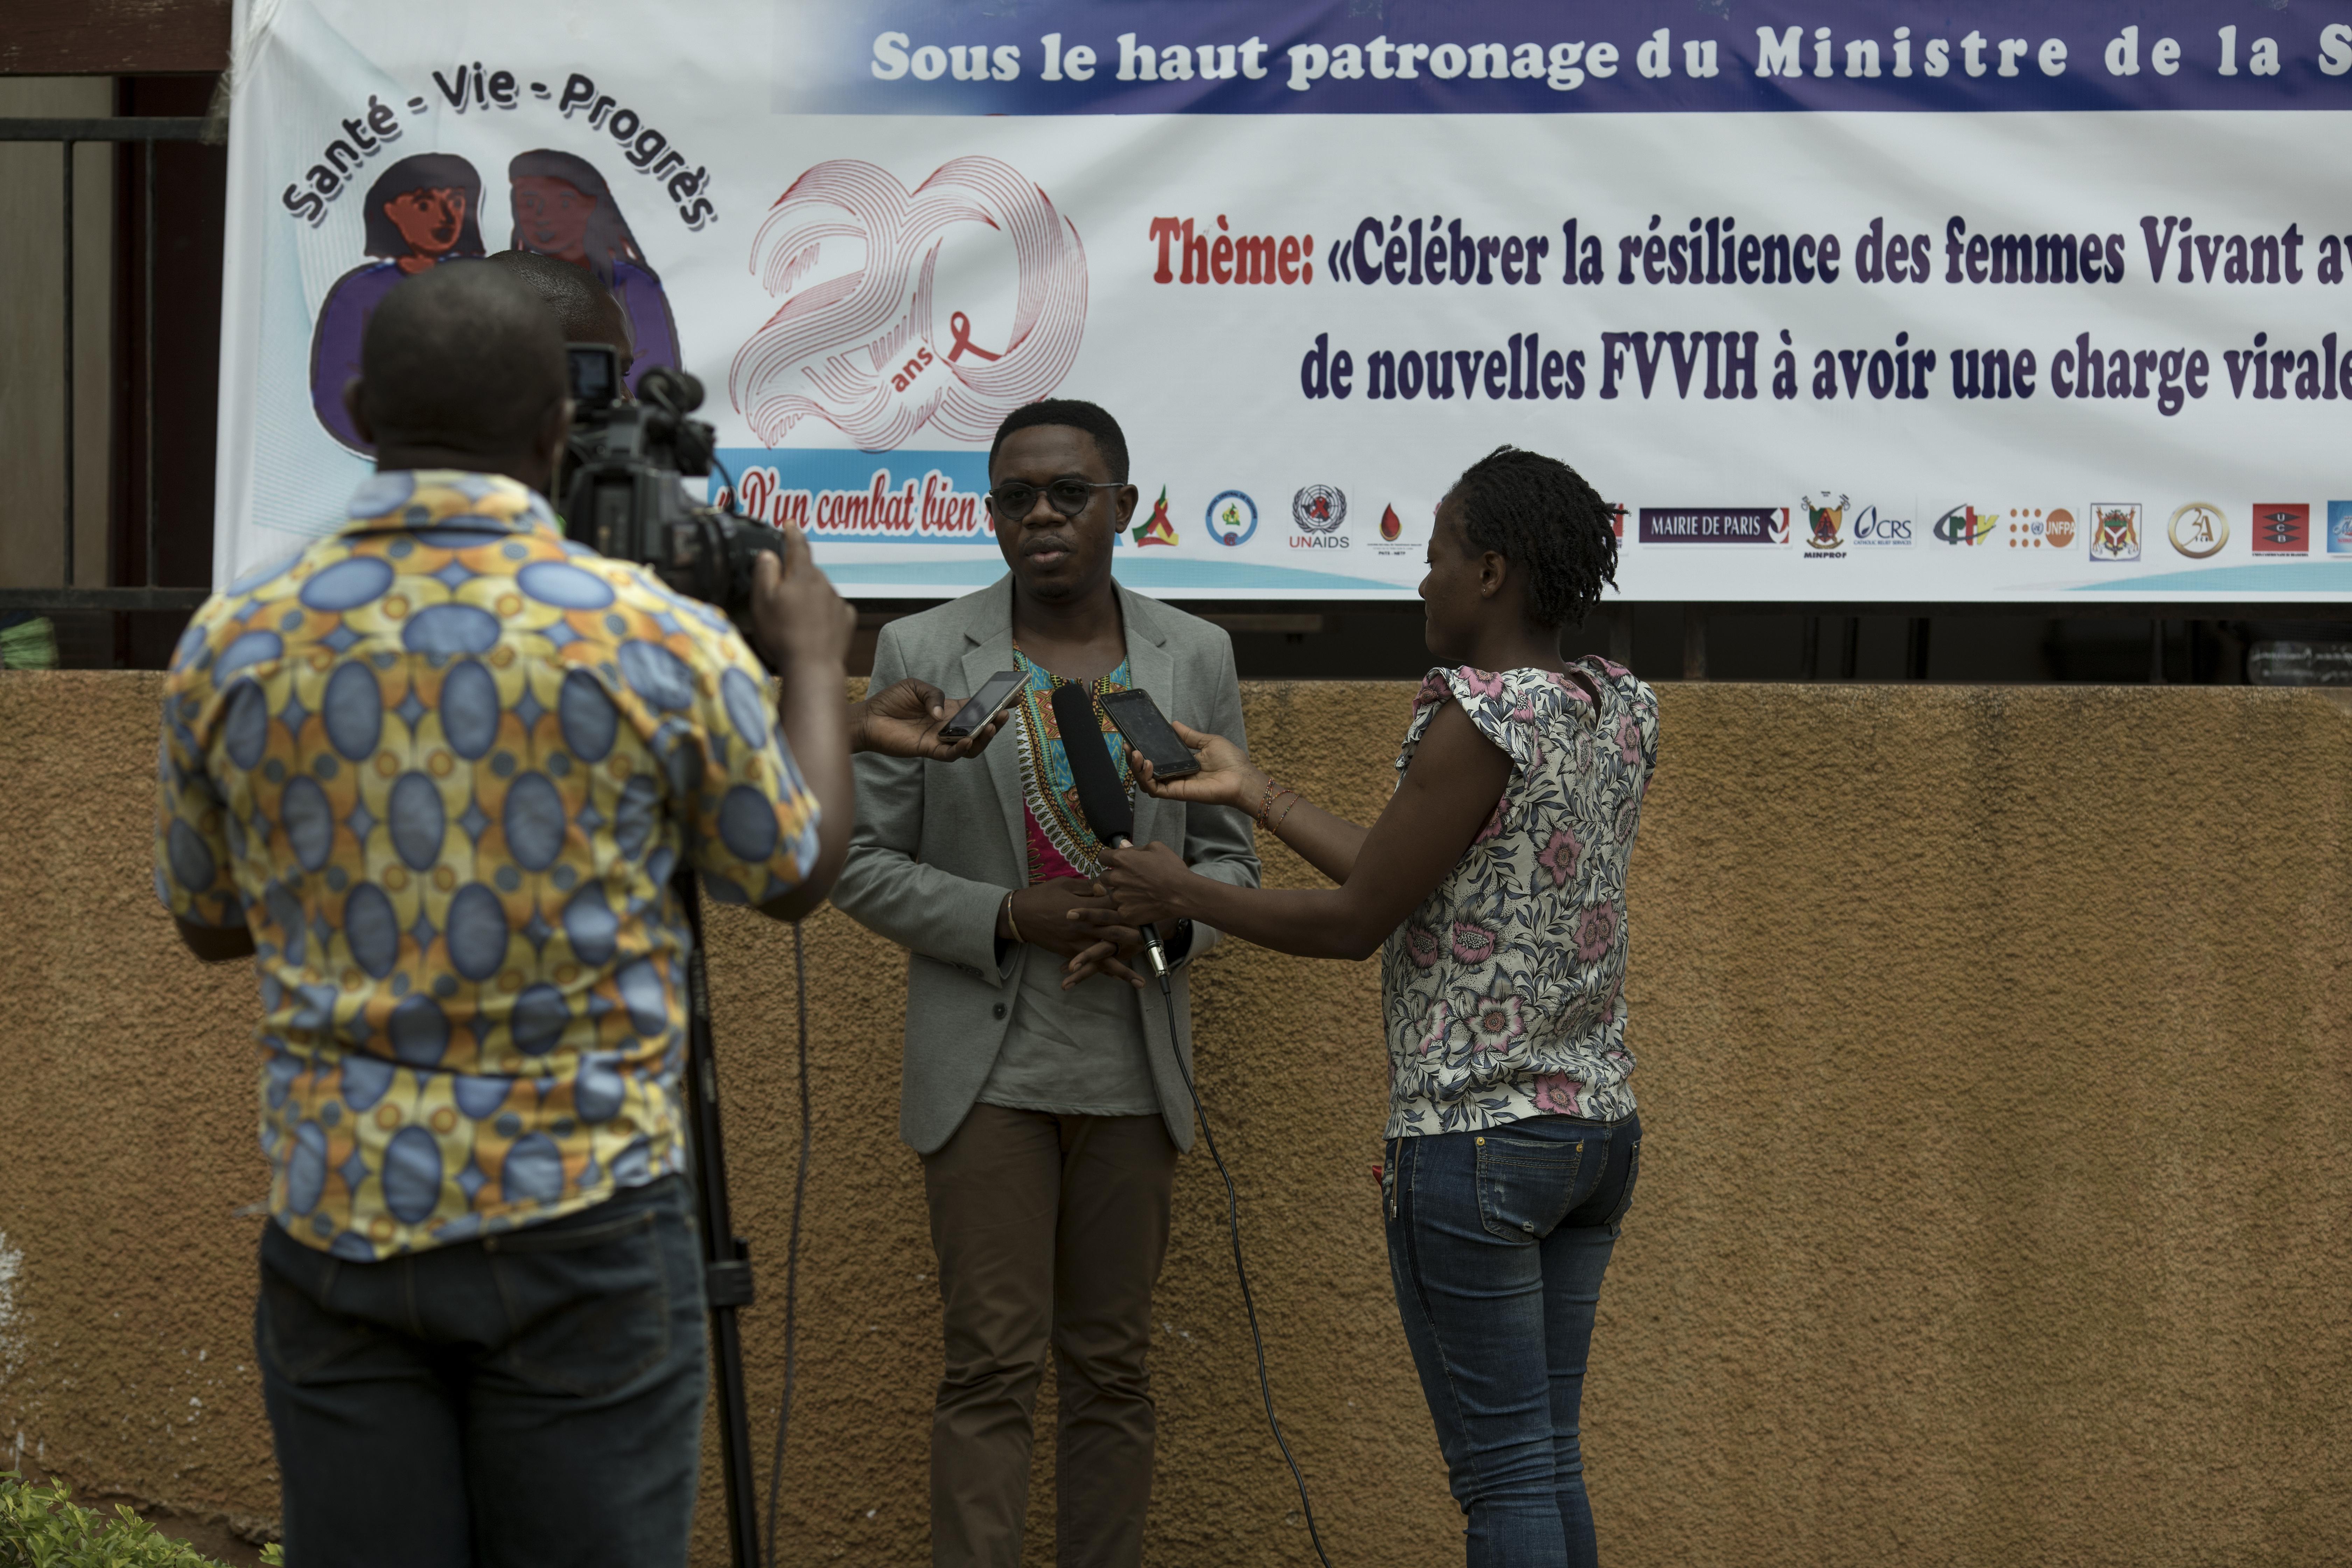 Les opinions de Serge sont souvent recherchées au Cameroun. Les médias et les participants étaient impatients de s'entretenir avec lui.